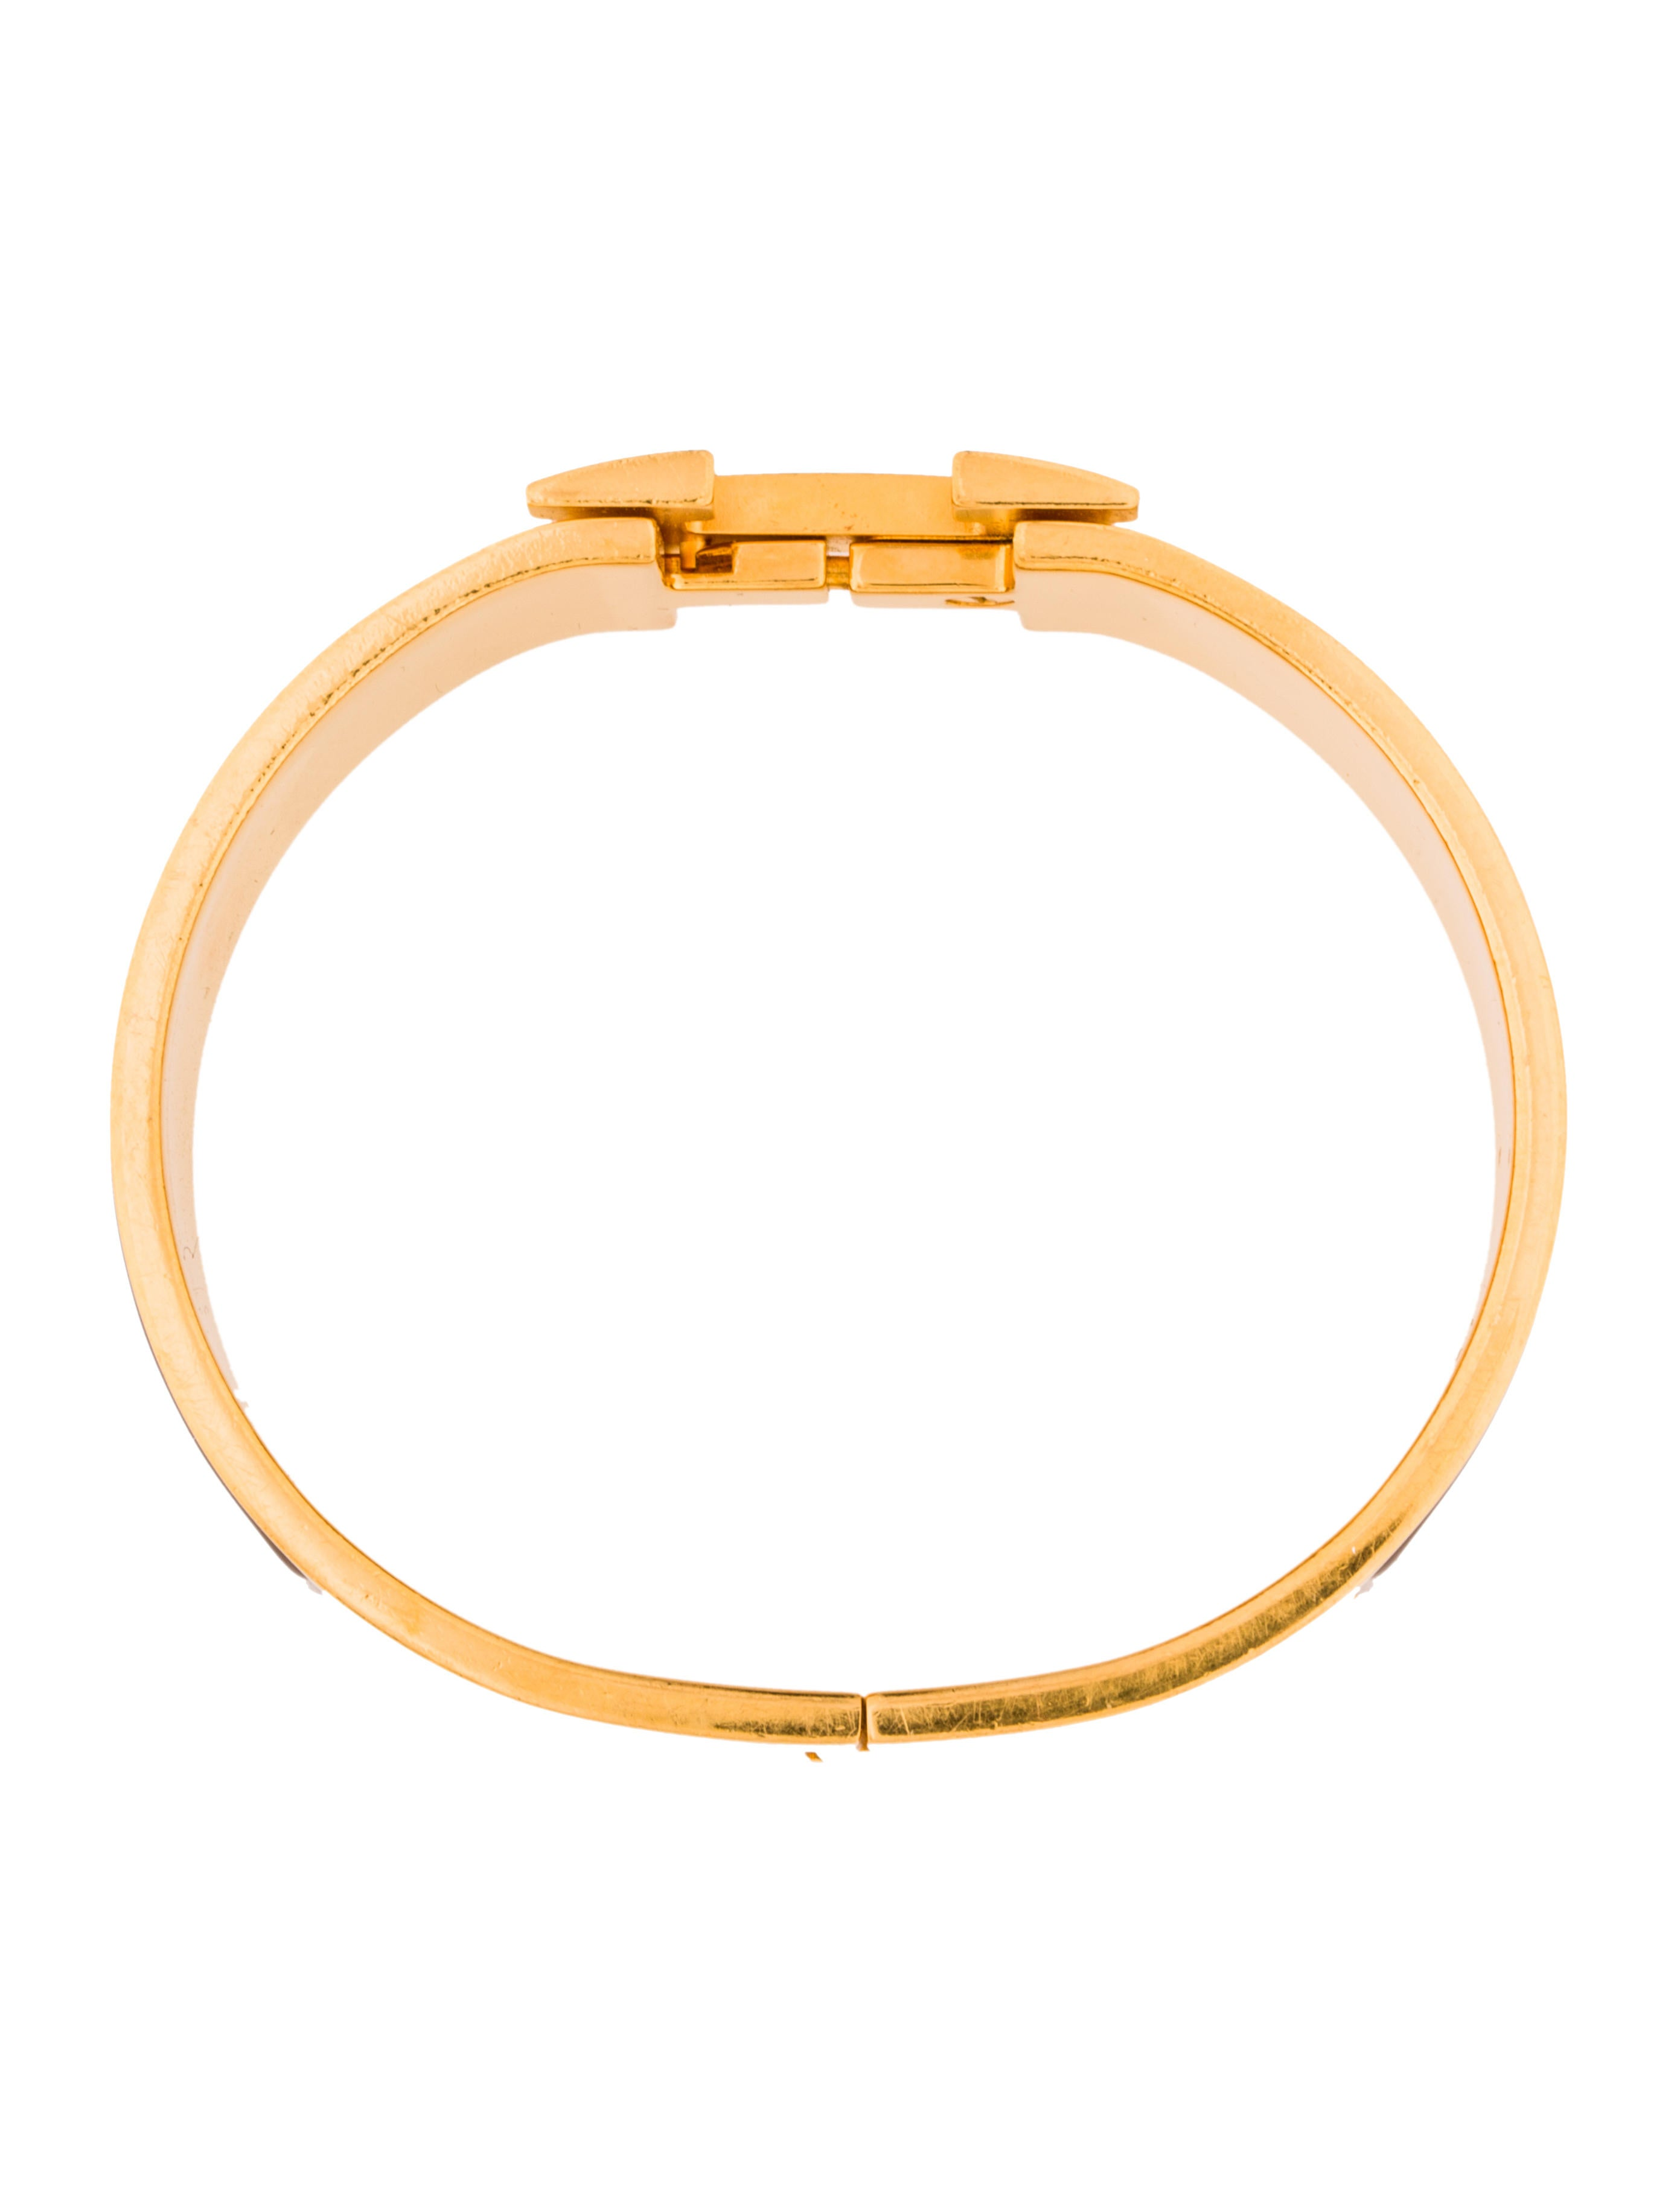 herm s wide clic clac h bracelet bracelets her102683. Black Bedroom Furniture Sets. Home Design Ideas